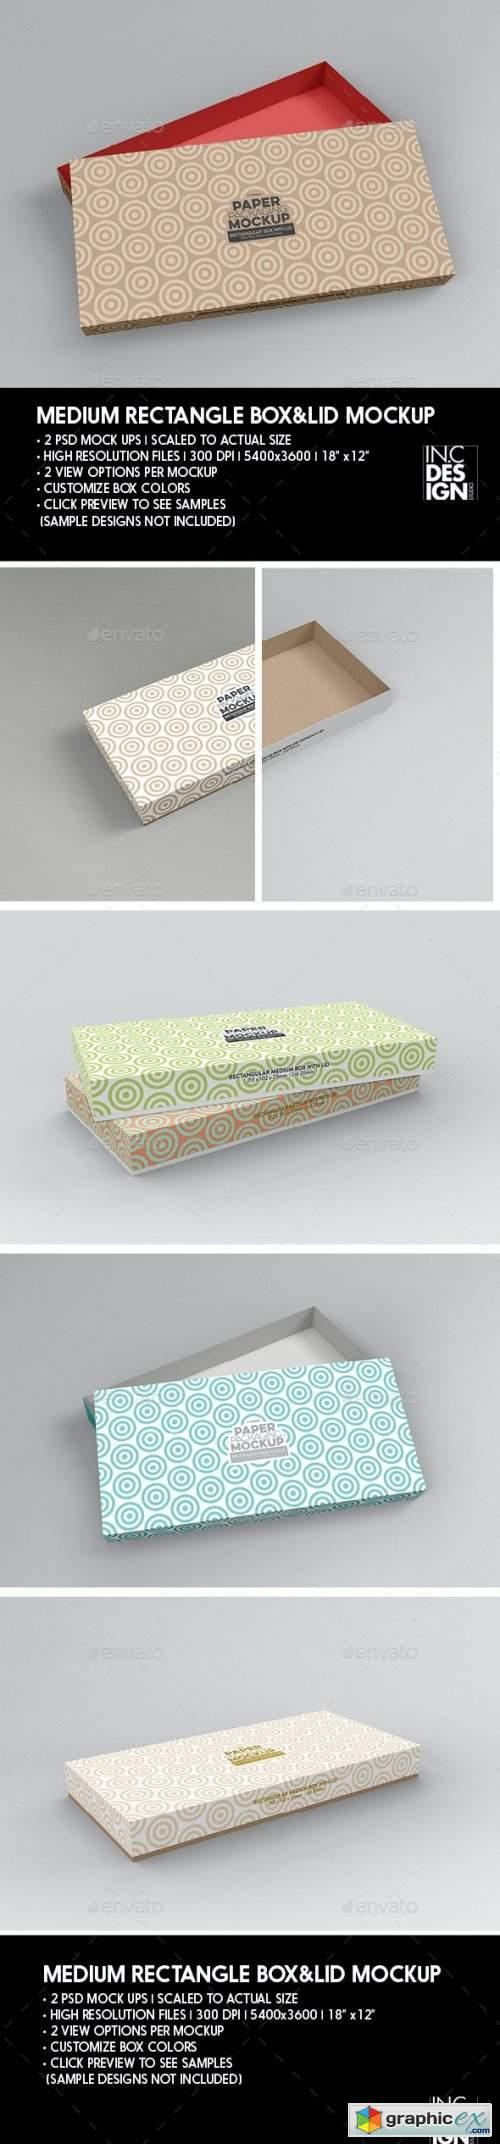 Medium Rectangular Paper Box and Lid Packaging Mockup